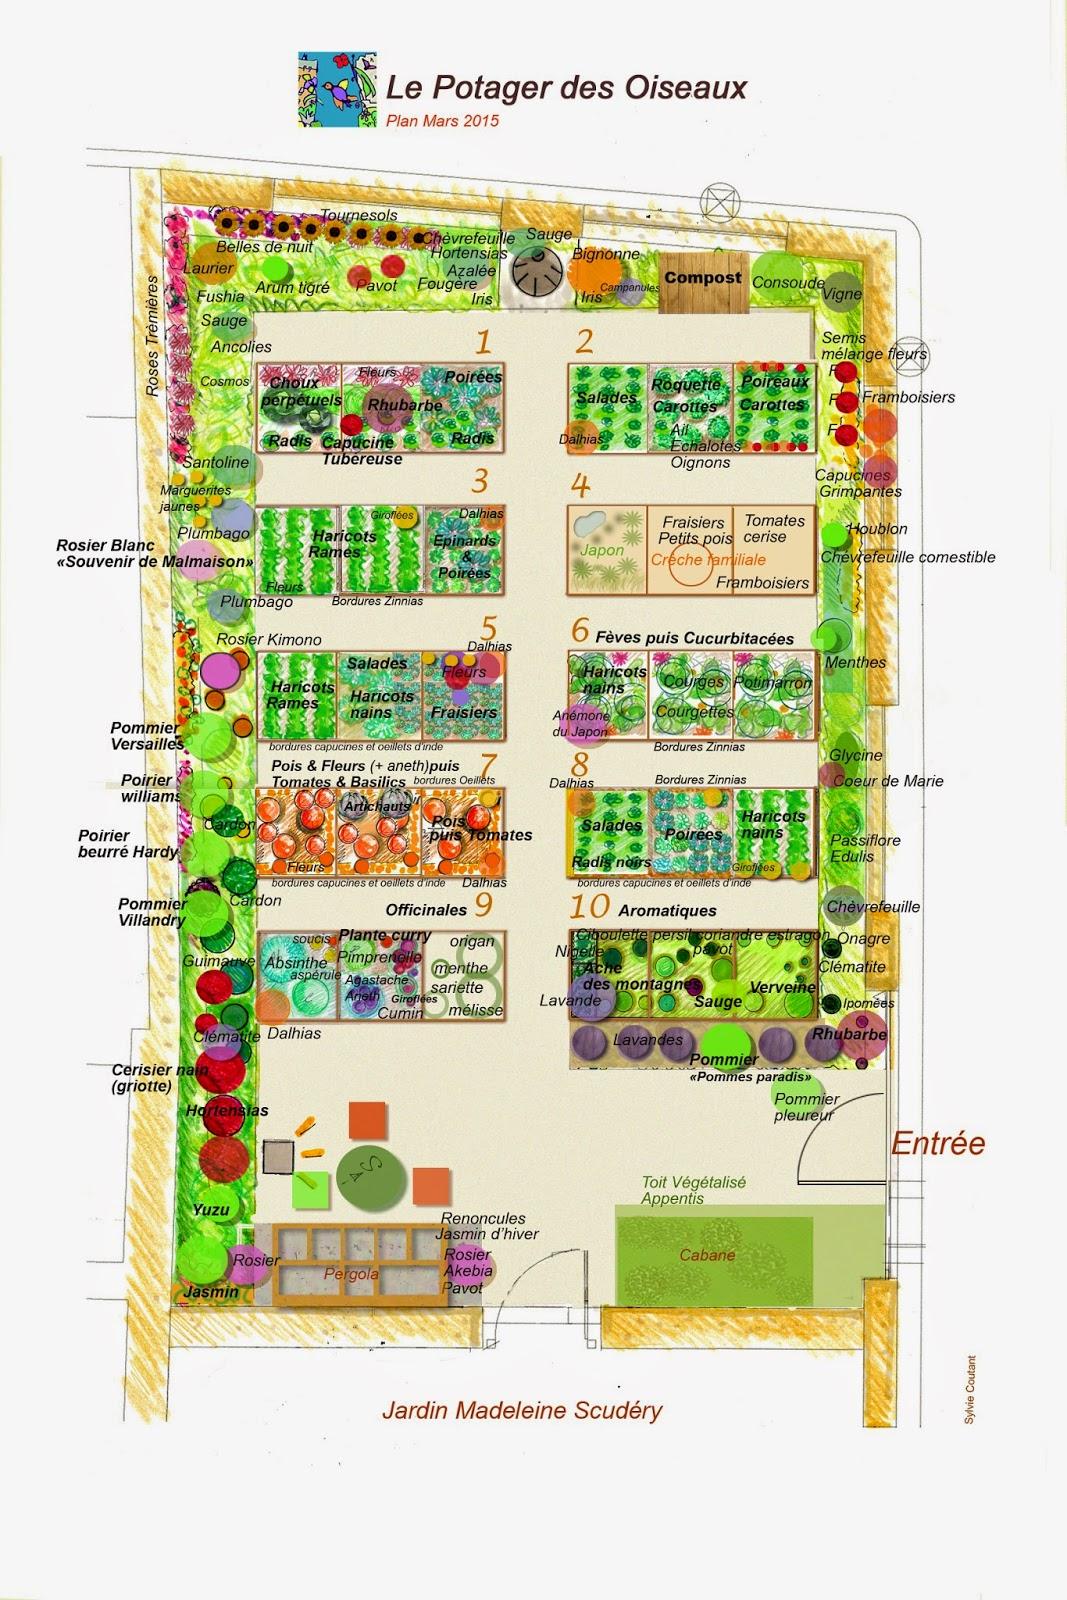 jardin potager des oiseaux plan de culture pour le potager des oiseaux 2015. Black Bedroom Furniture Sets. Home Design Ideas